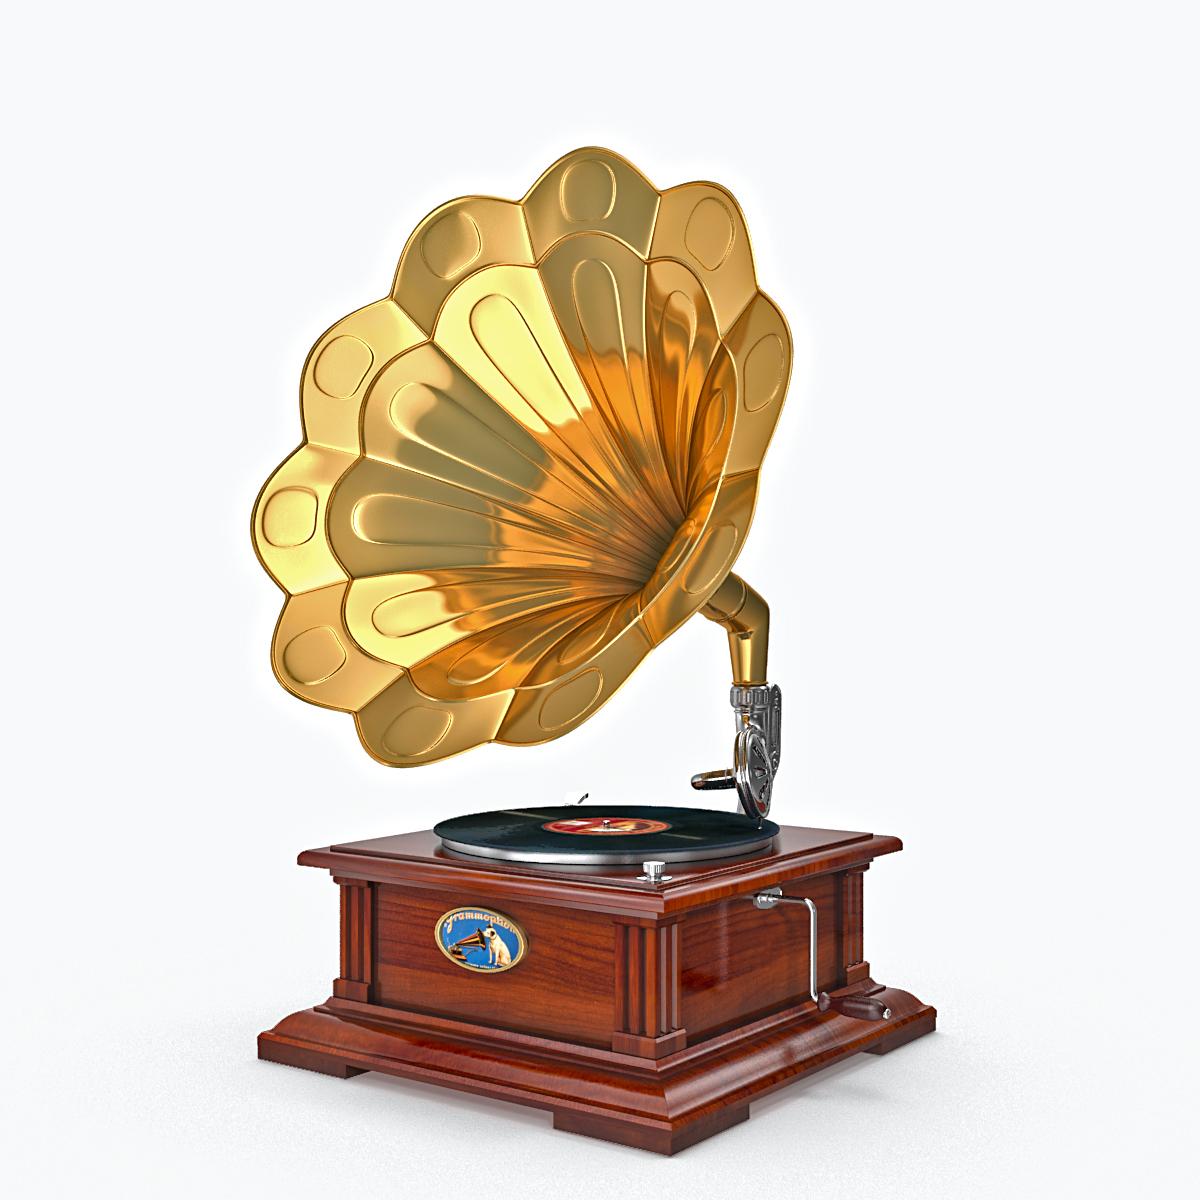 fonogrāfs v1 3d modelis max fbx obj 217307